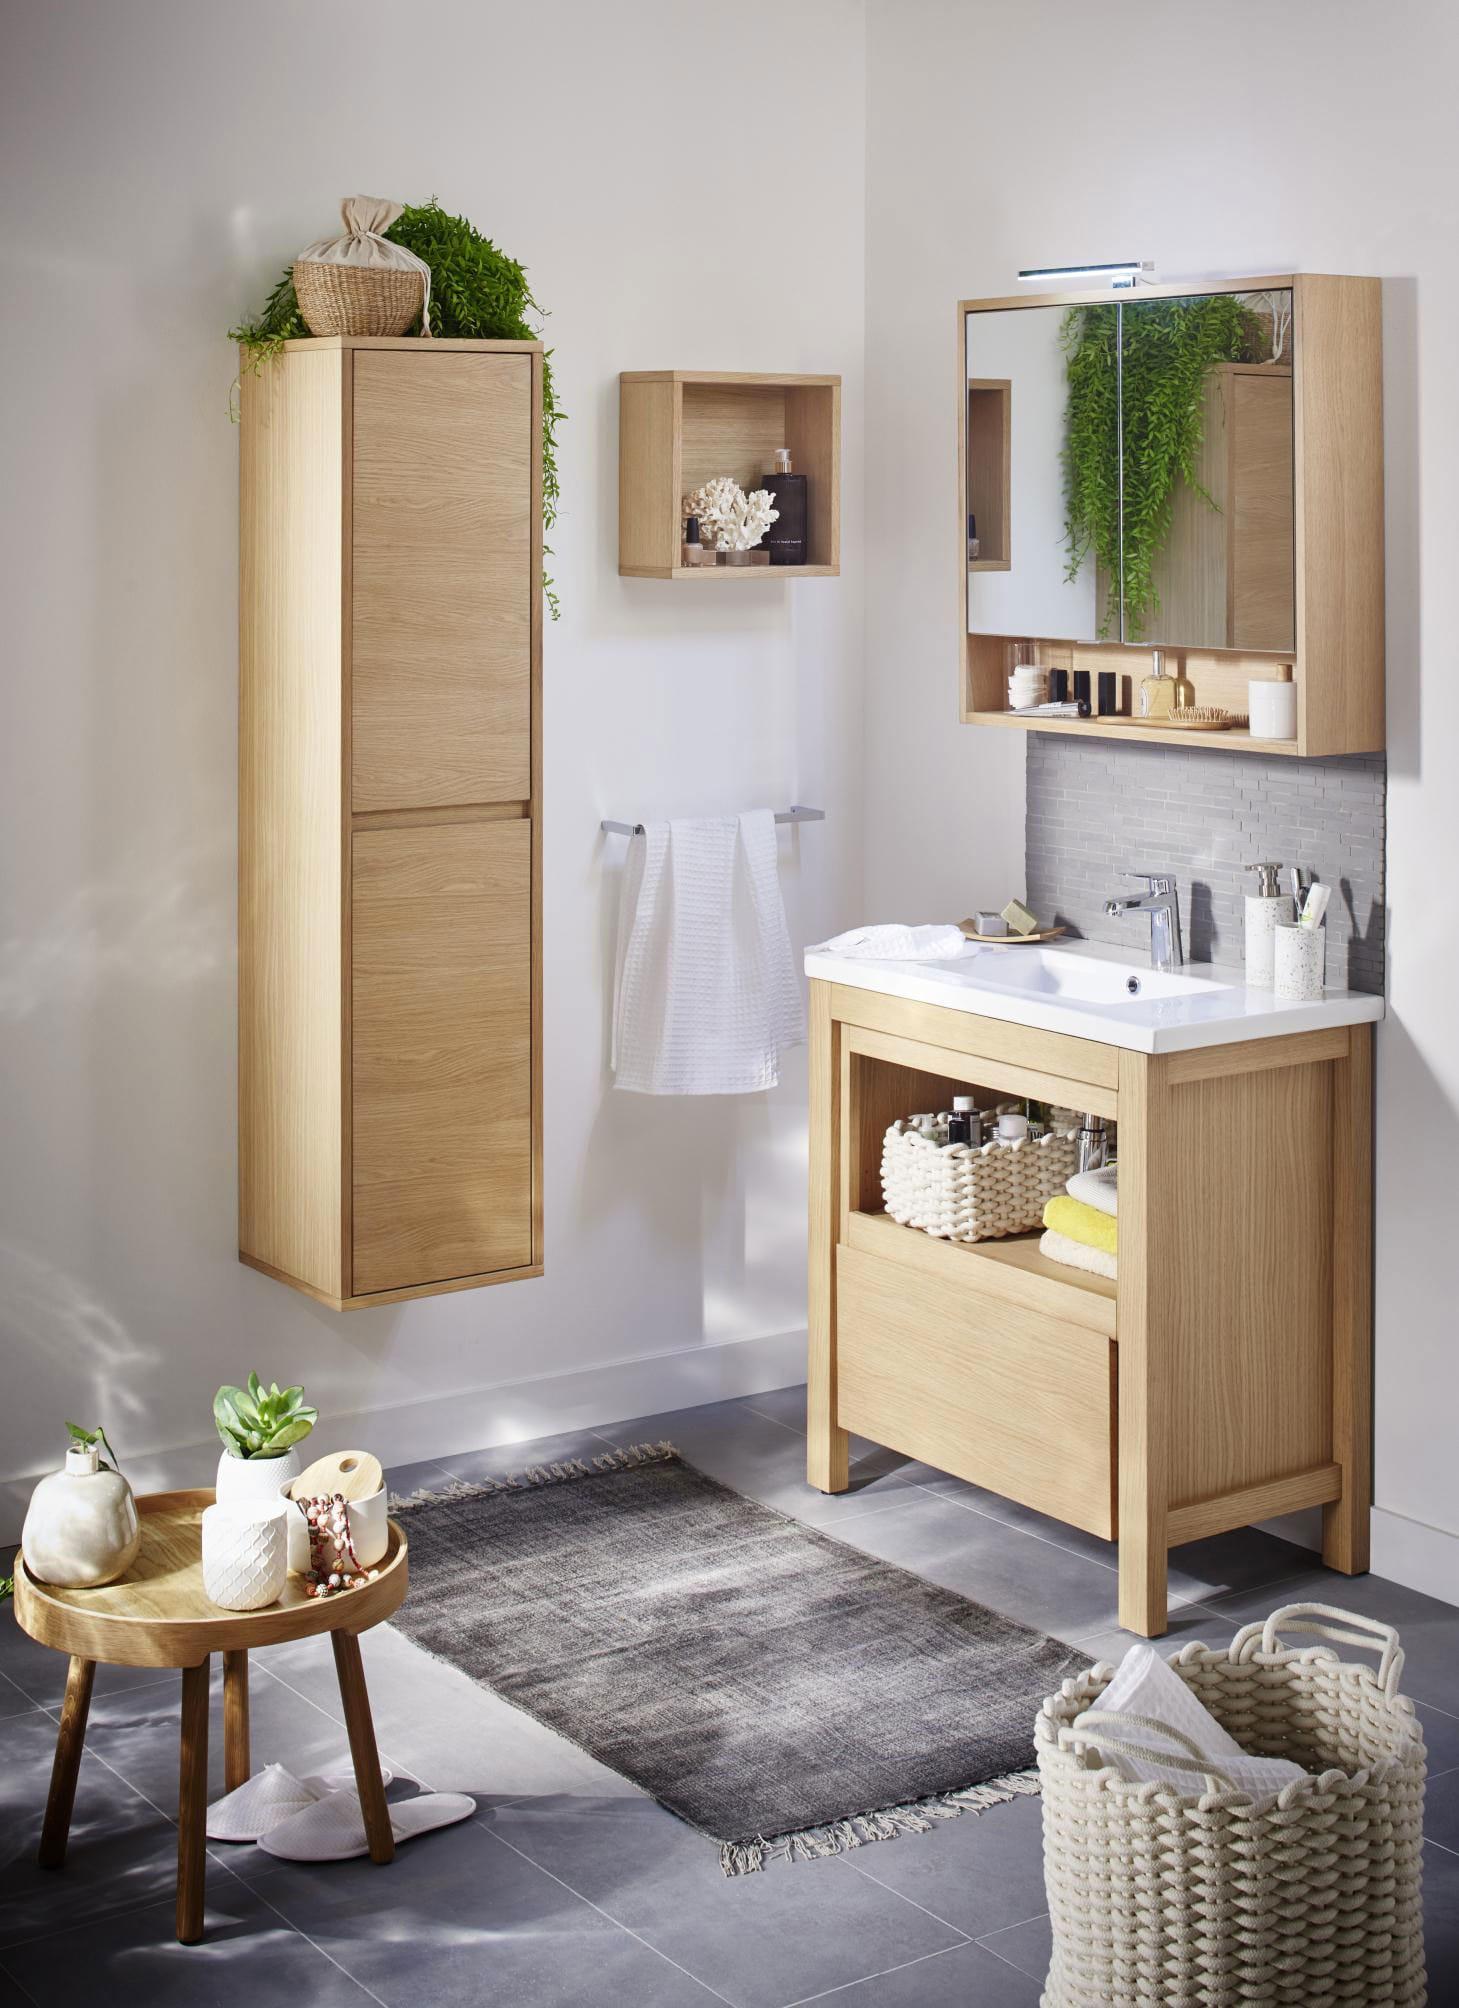 inspiration-salle-de-bain-meuble-lapeyre-bois-18 - Maman Comète